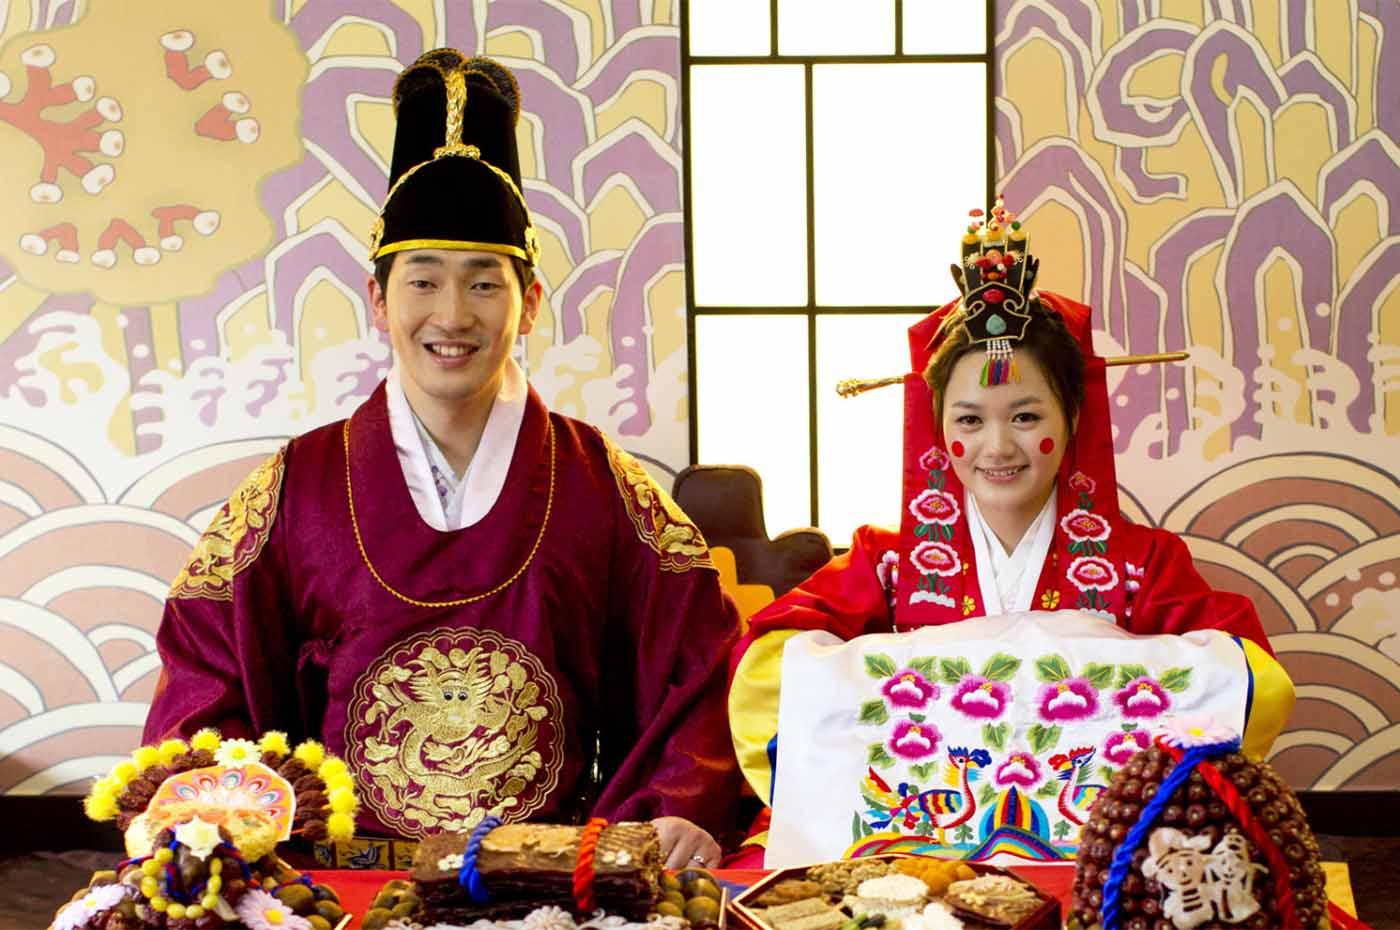 Wedding Tradition Worldwide